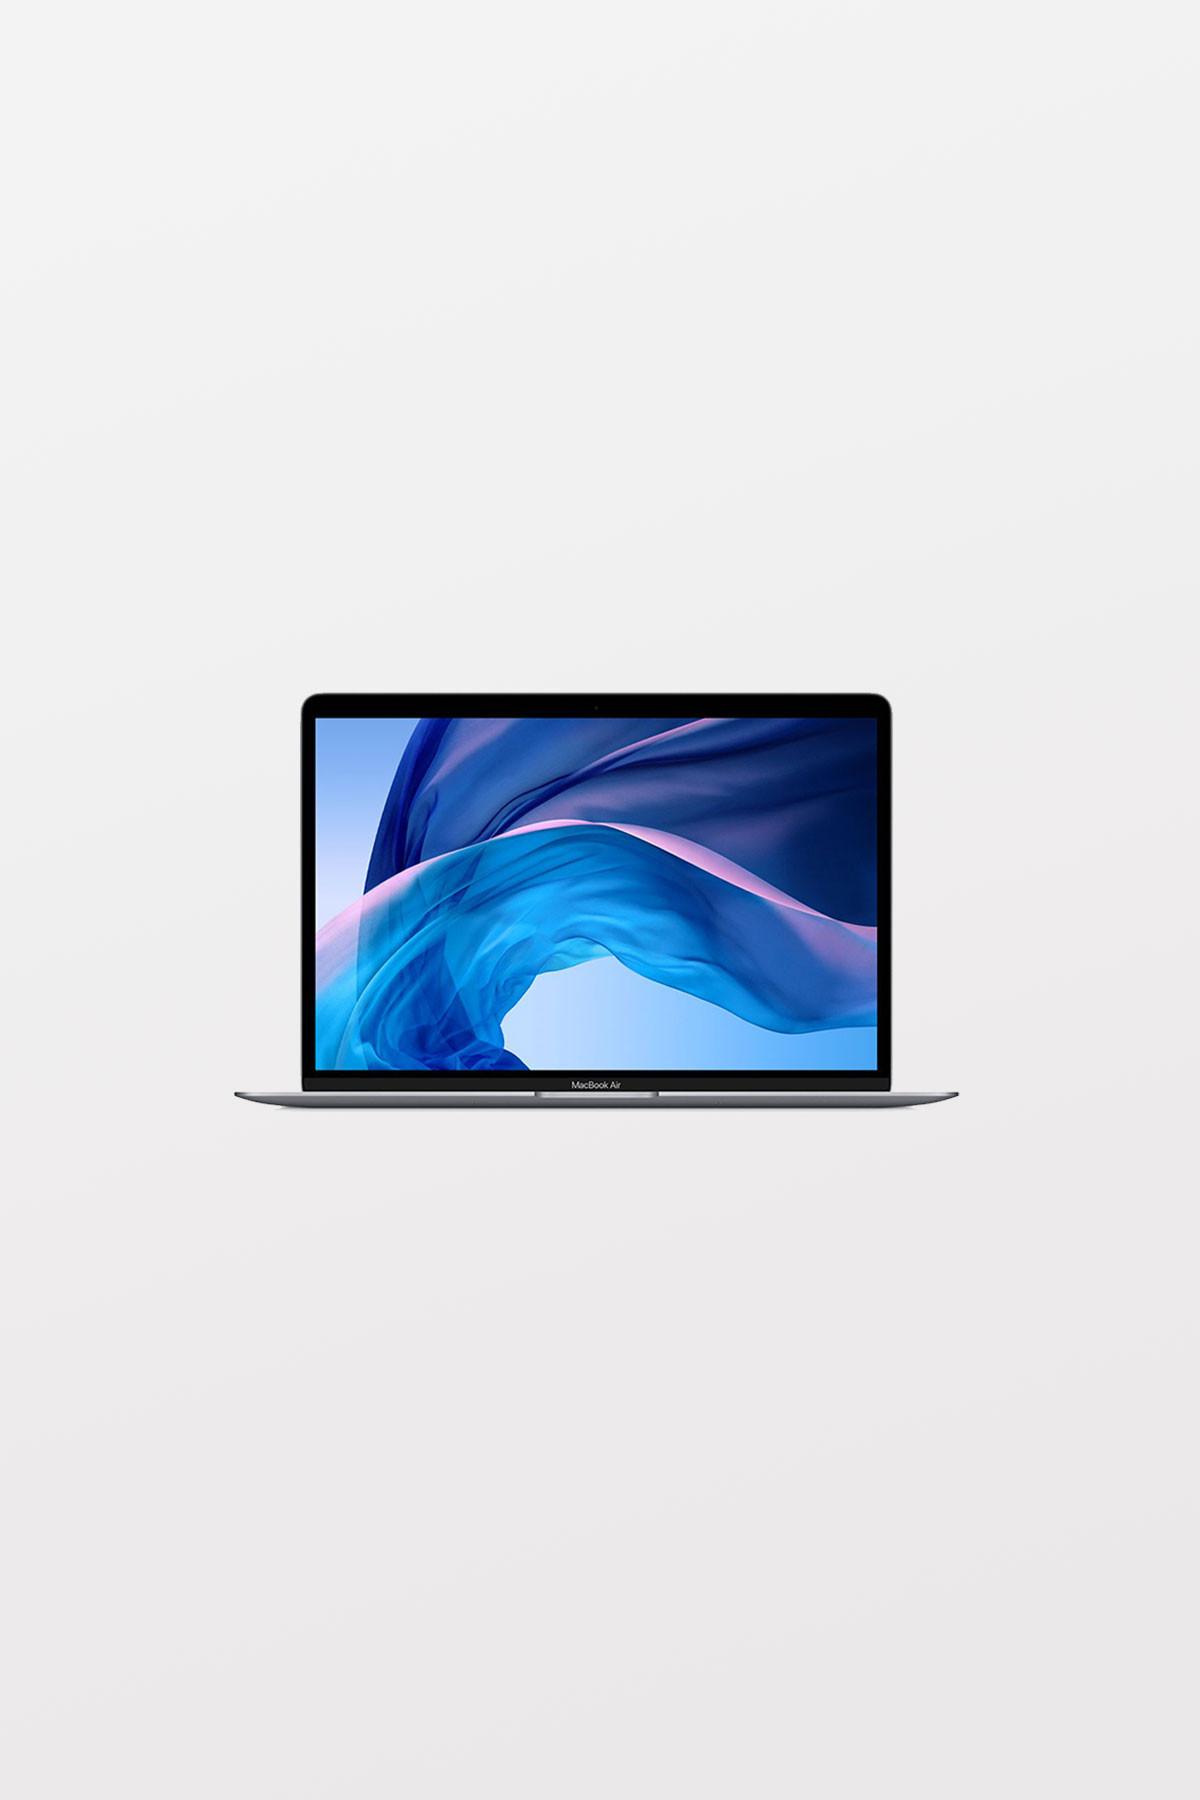 Apple MacBook Air 13-inch (Touch ID/1.6GHz i5/8GB/256GB Flash) - Space Grey